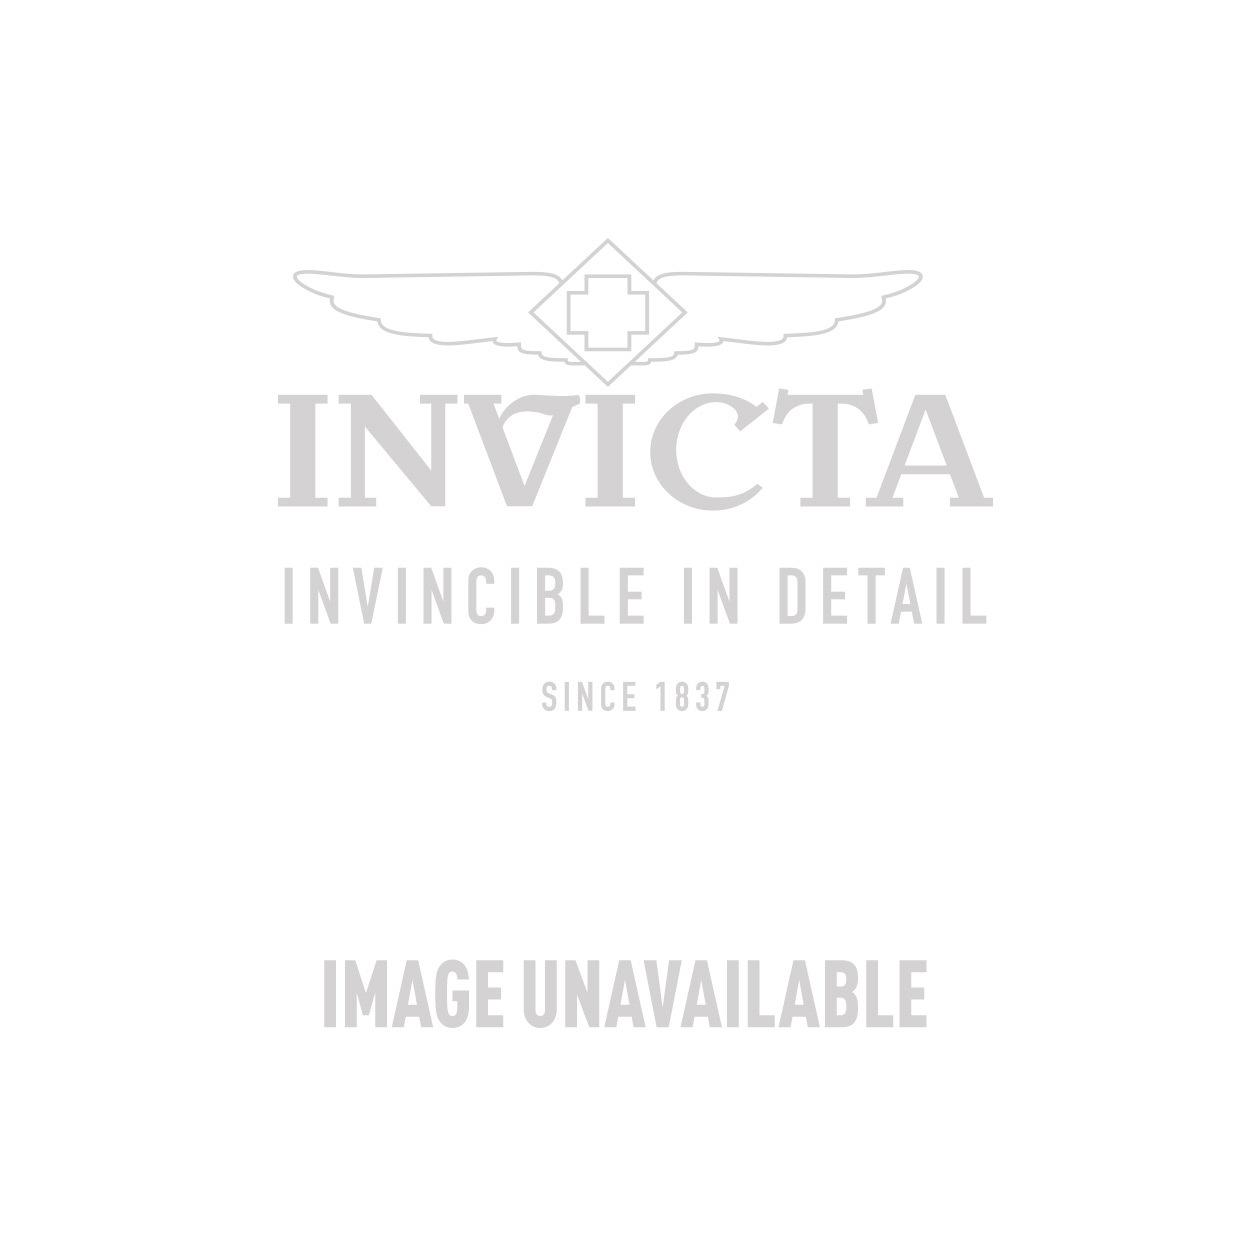 Invicta Subaqua  NOMA III Mens Quartz 50mm Gunmetal Case  Stainless Steel Dial Model  - 15805